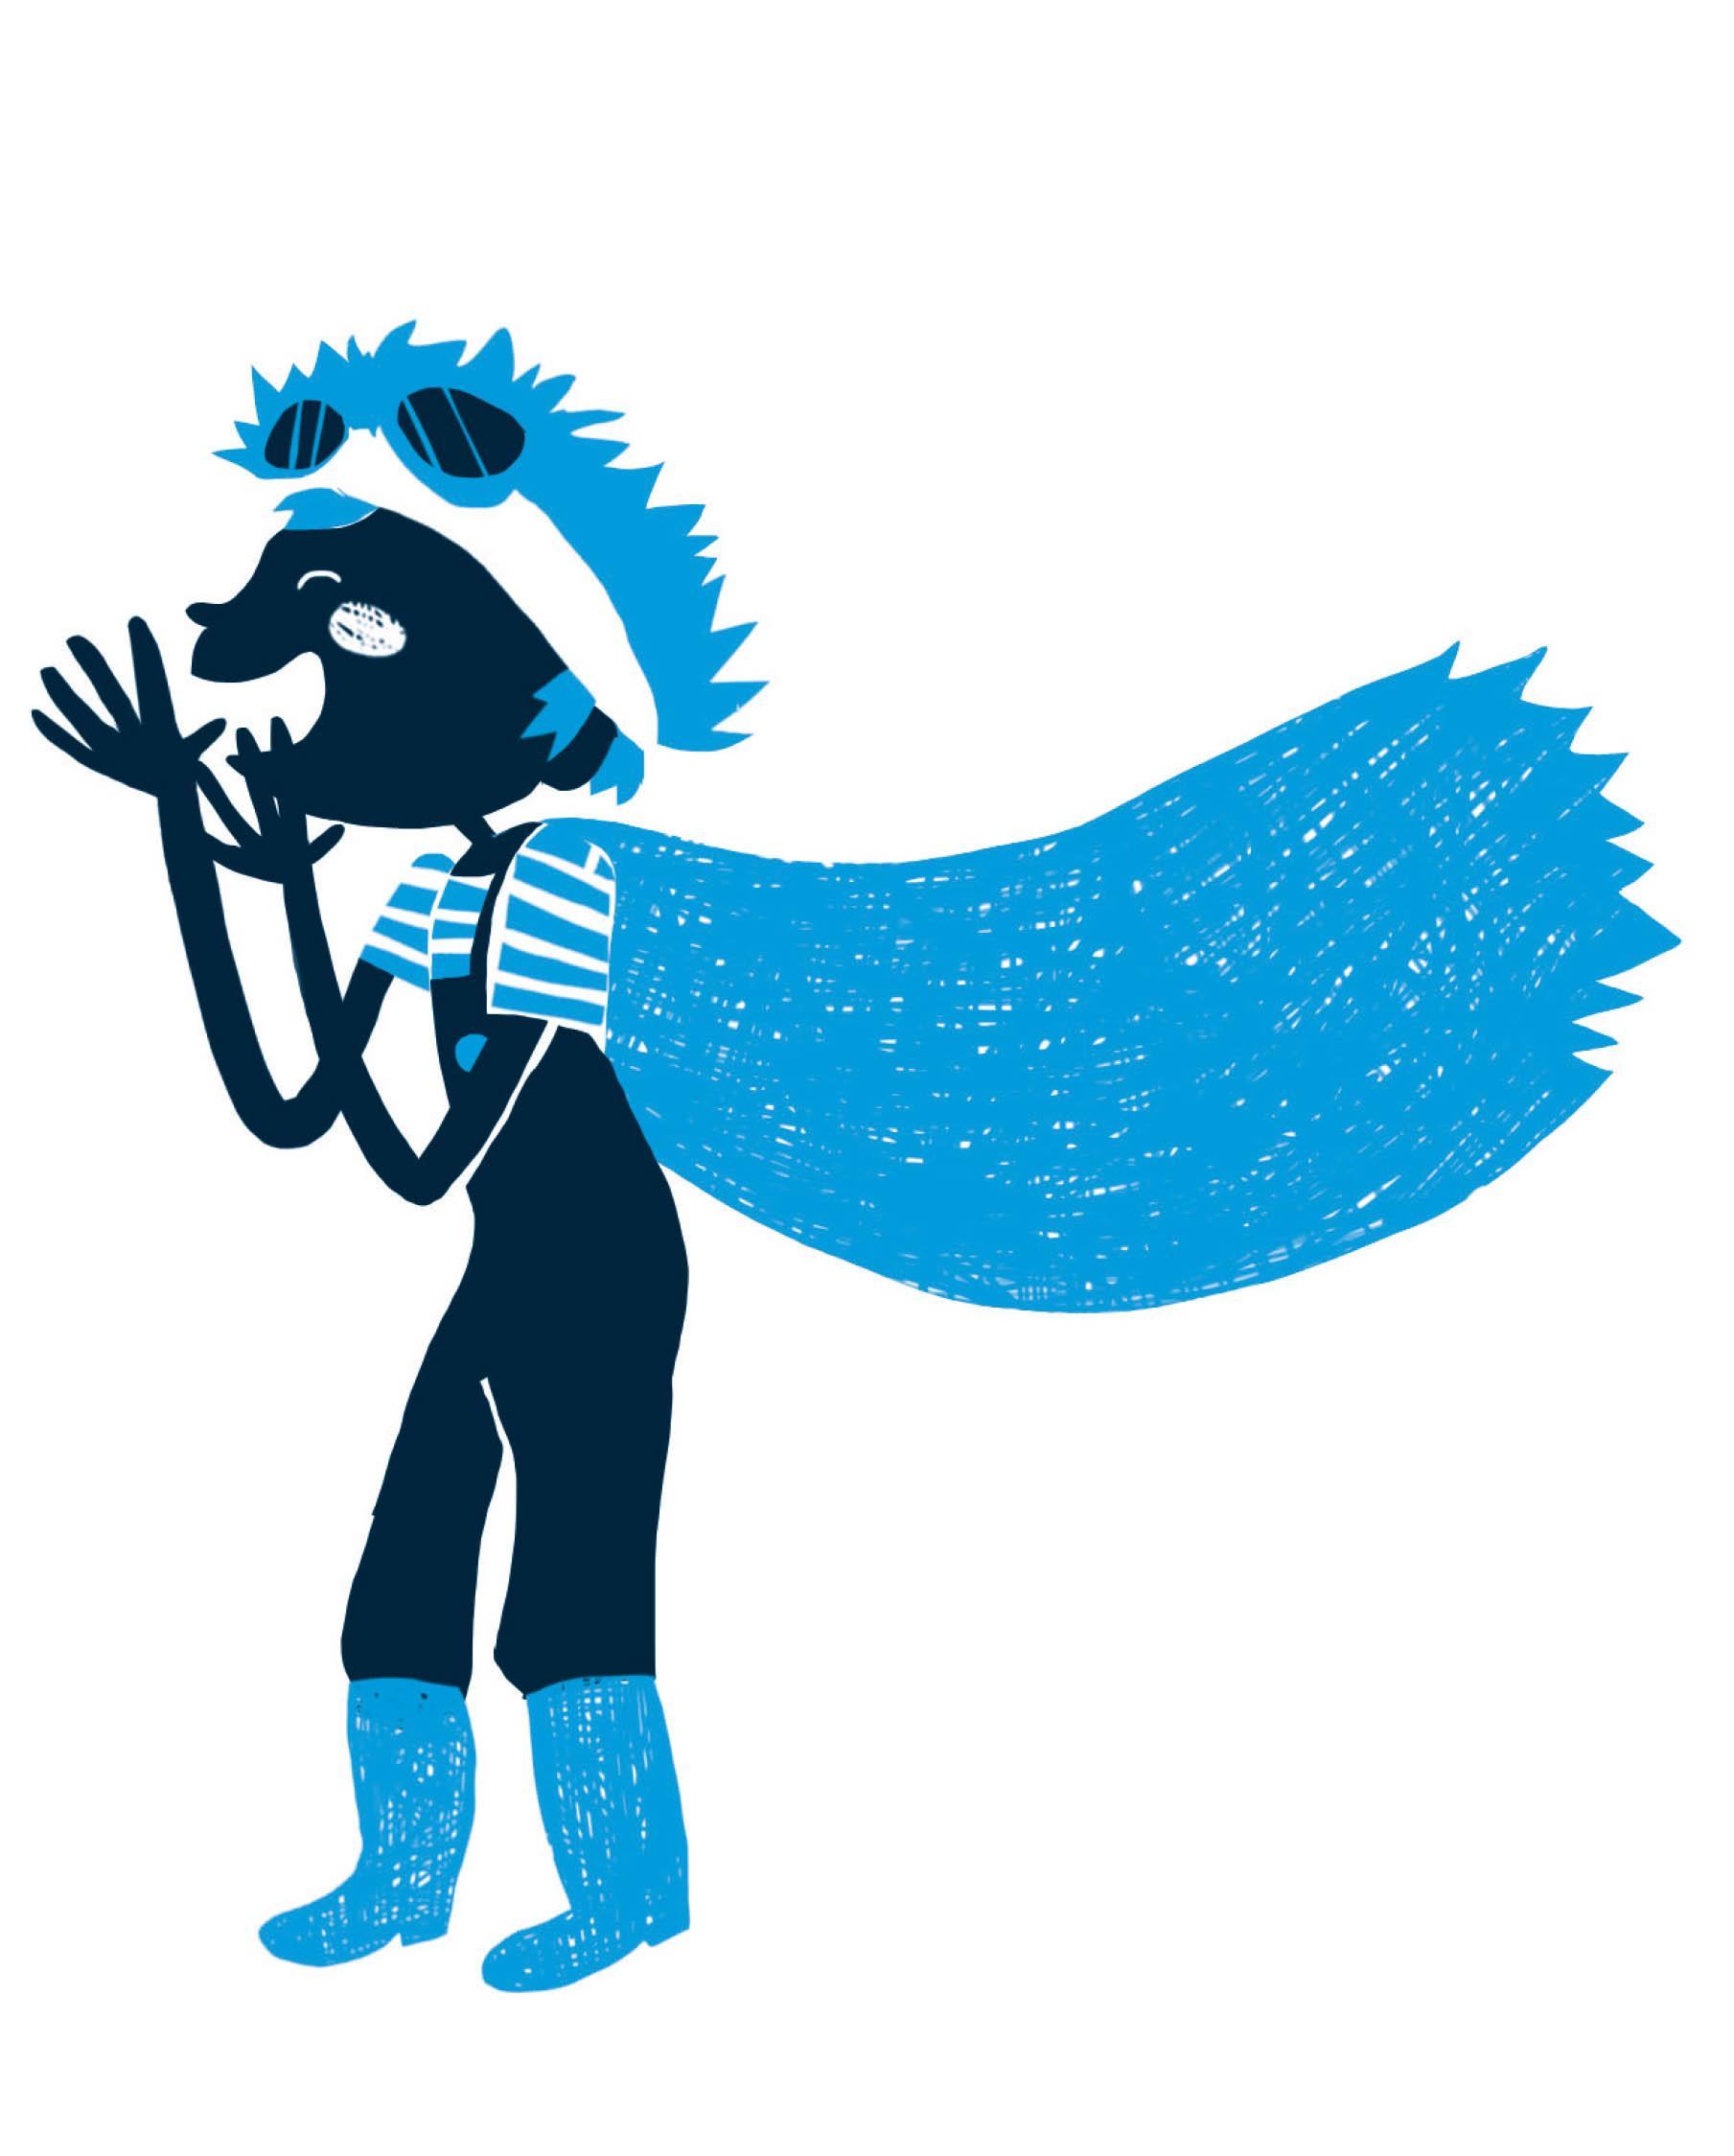 SP_Comunicar_Azul